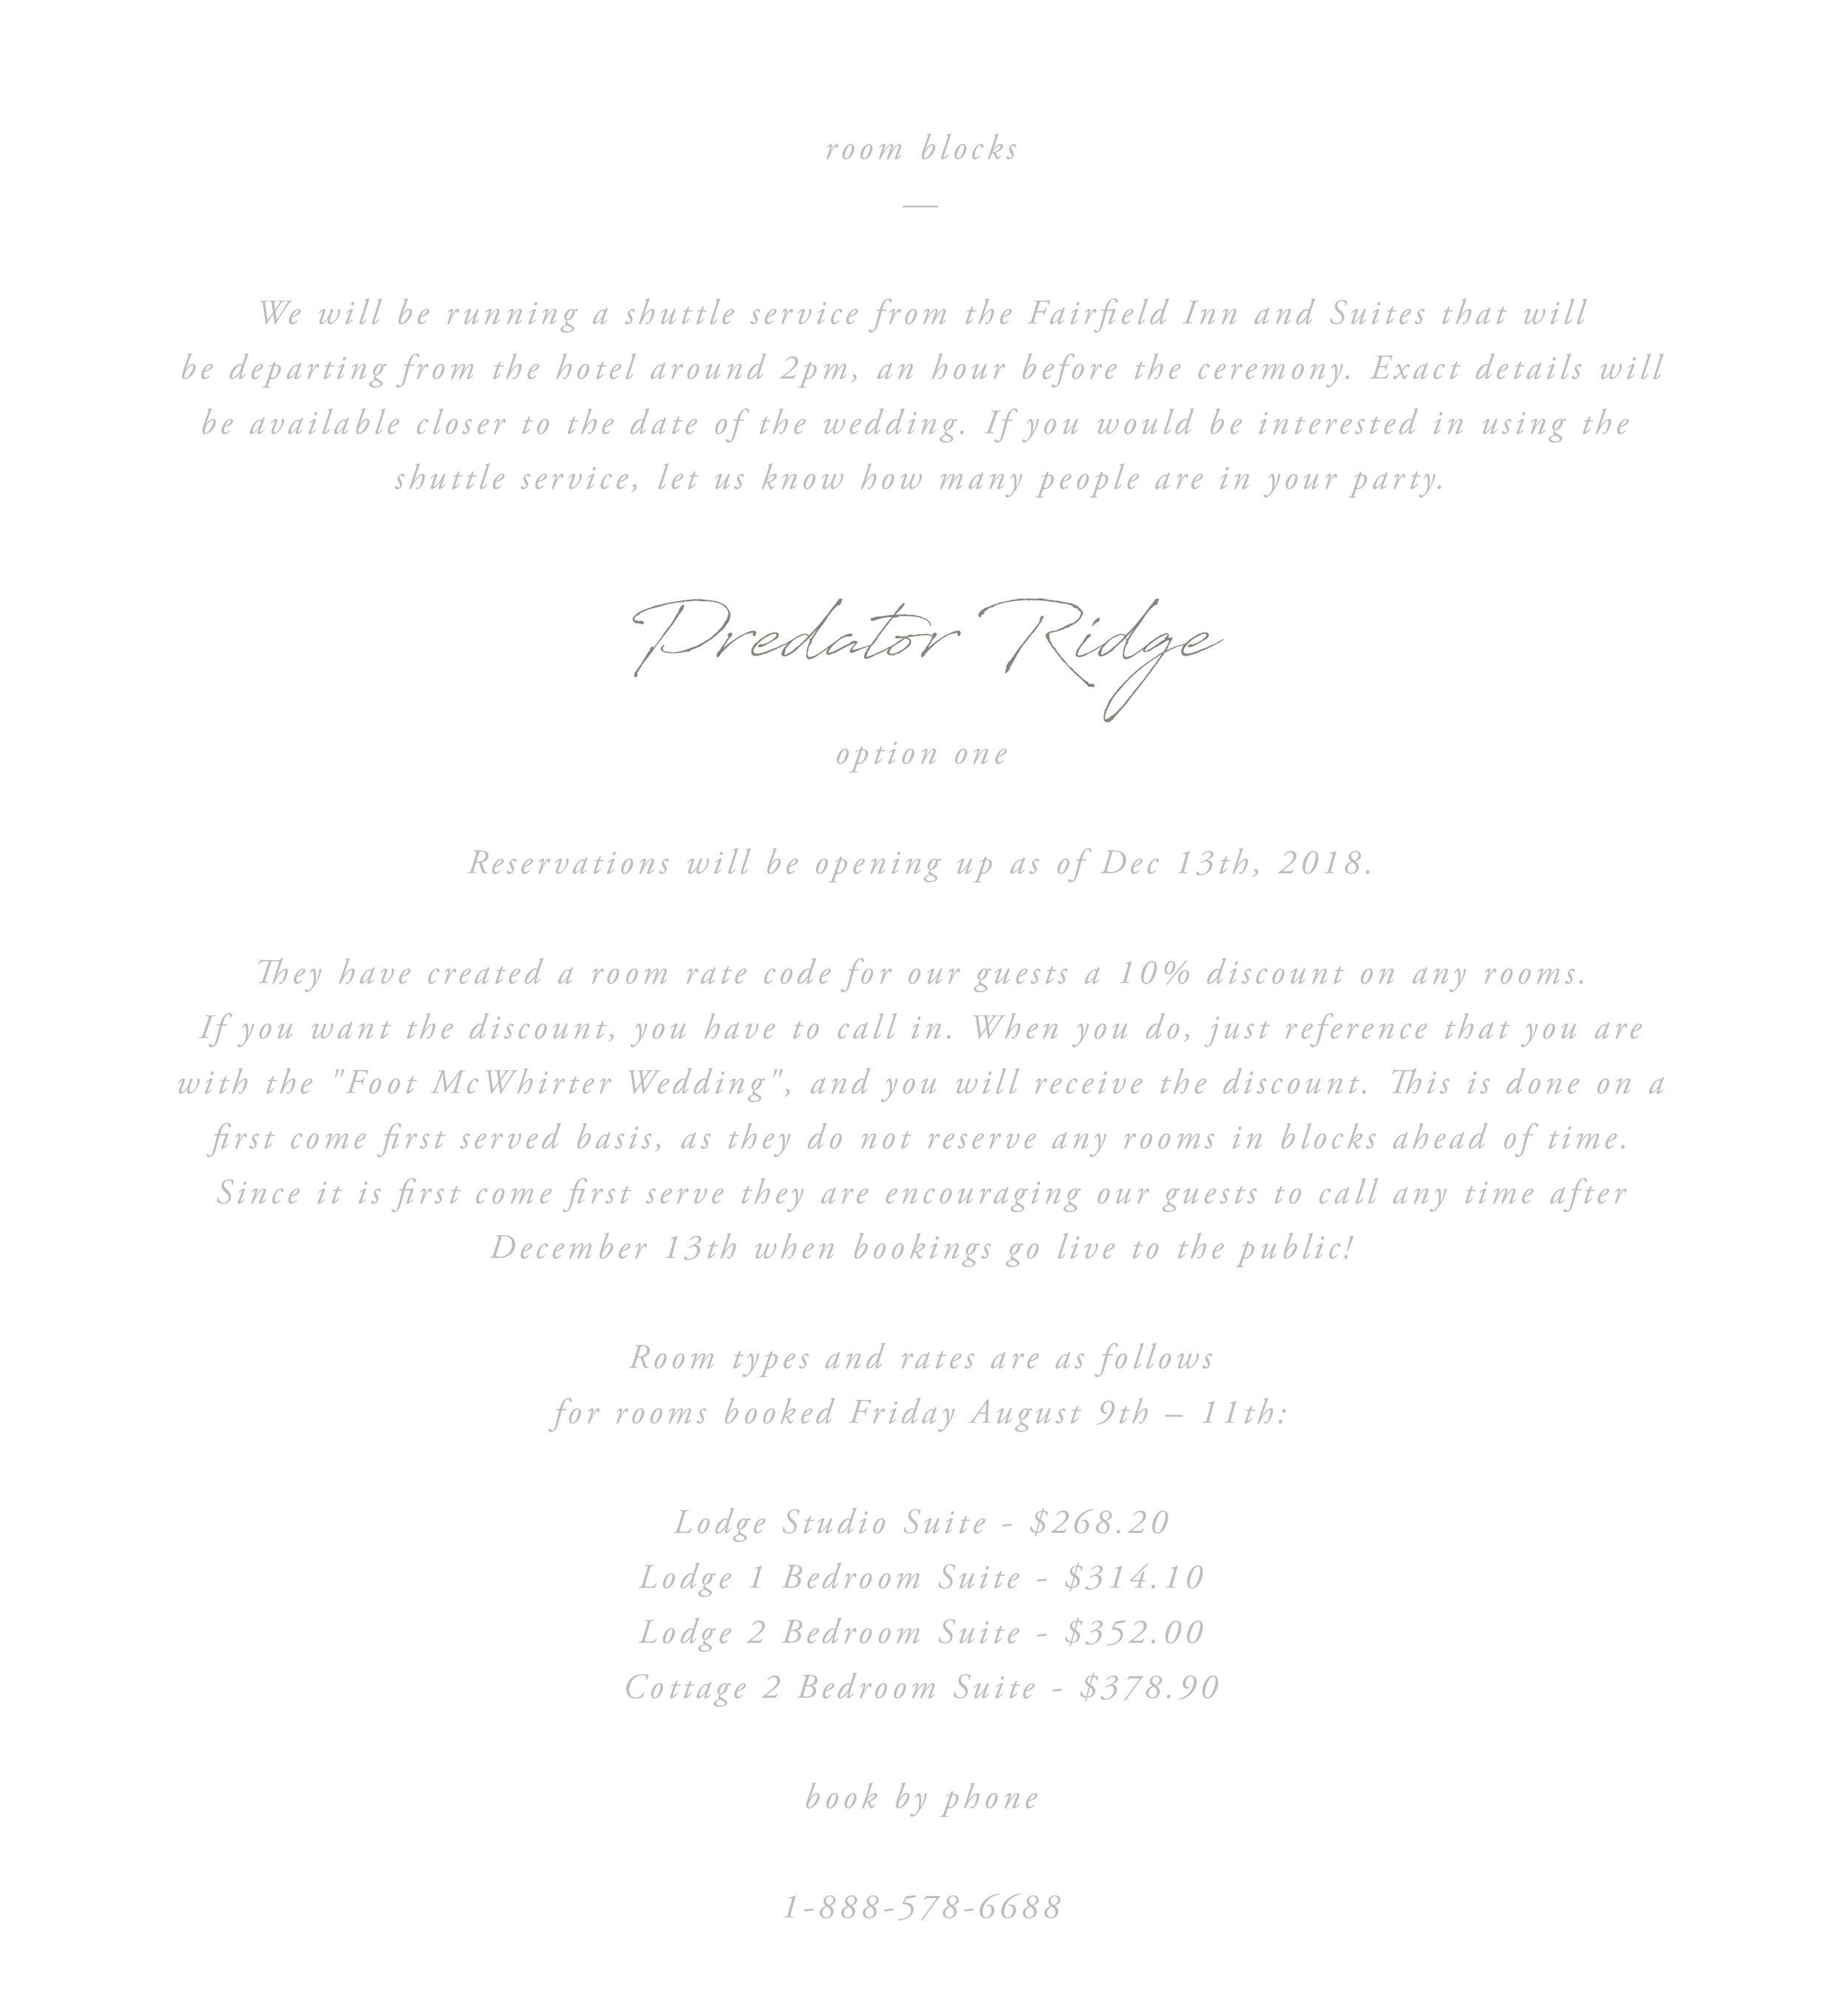 laucole-wedding-landingpage_april15.jpg